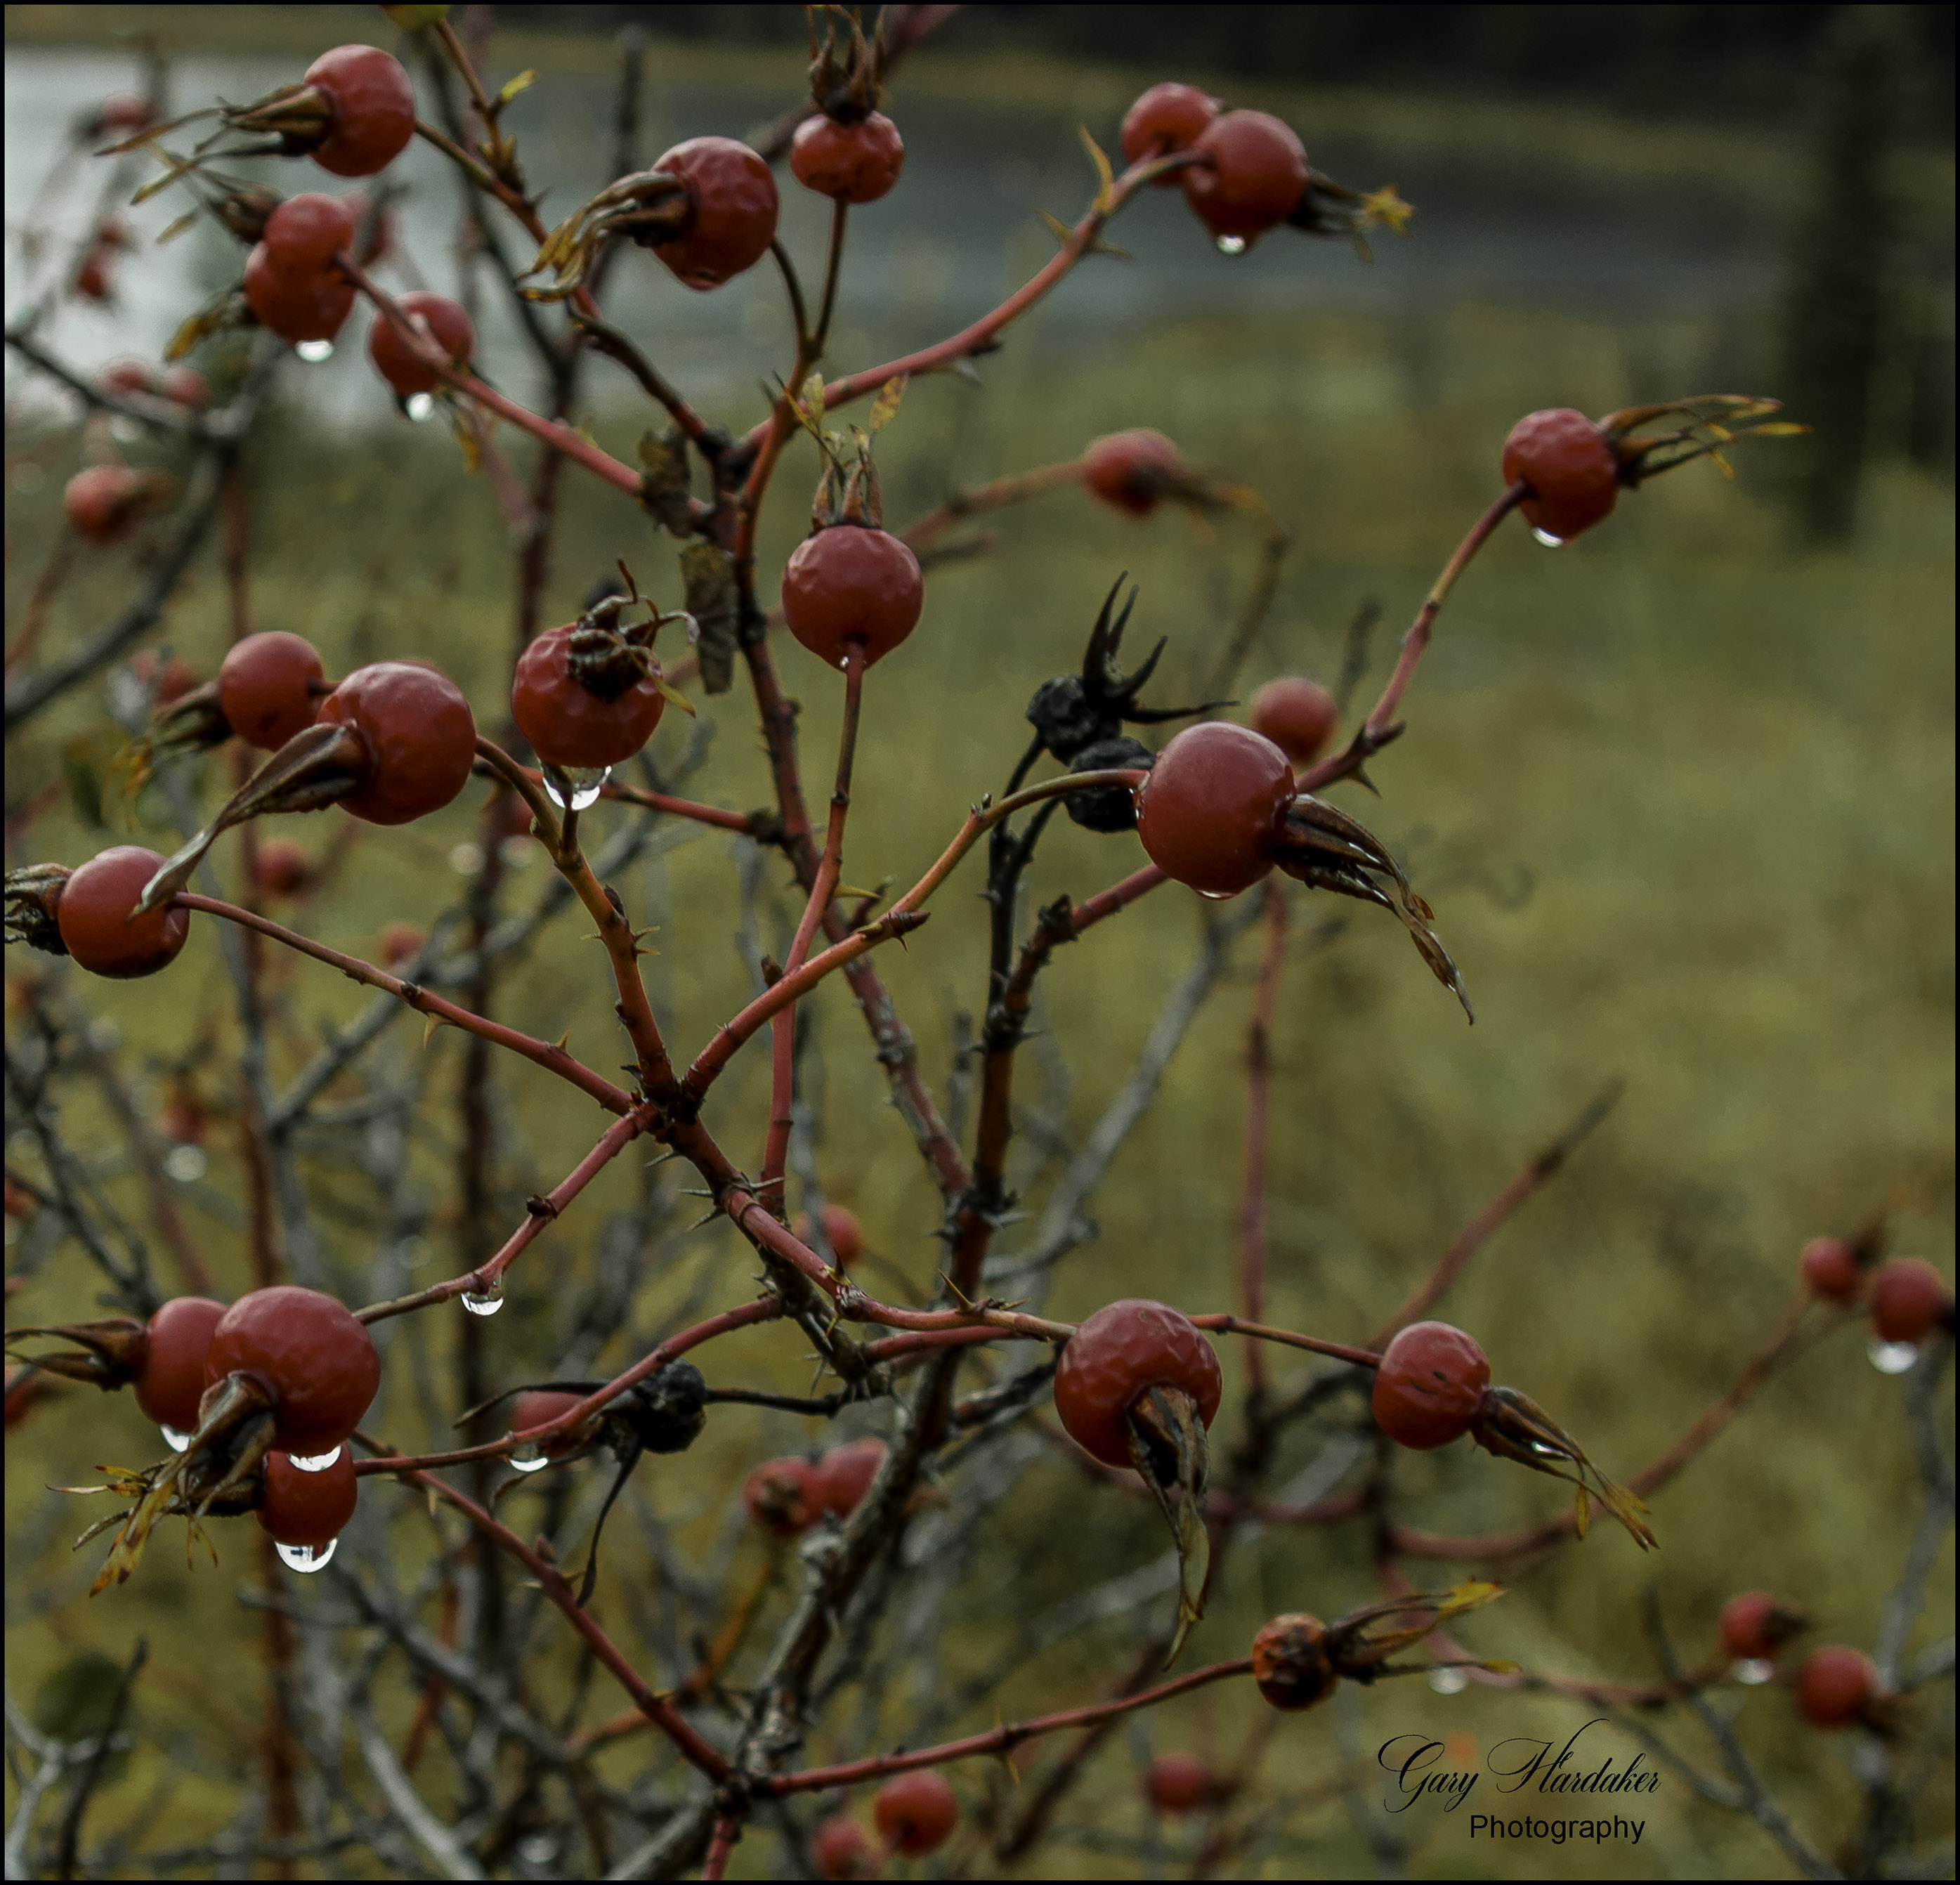 Raindrops on roses (rose hips that is)- Gary Hardaker